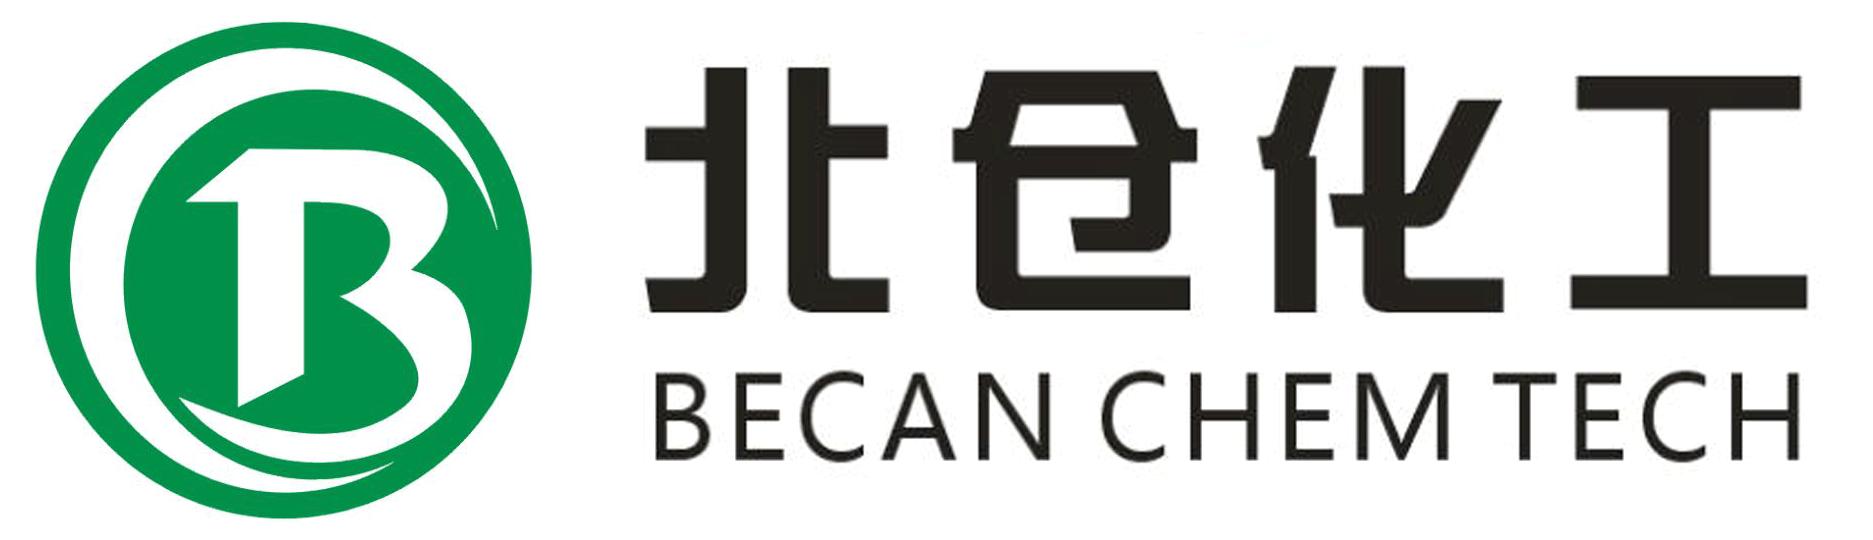 上海北仓化工科技有限公司